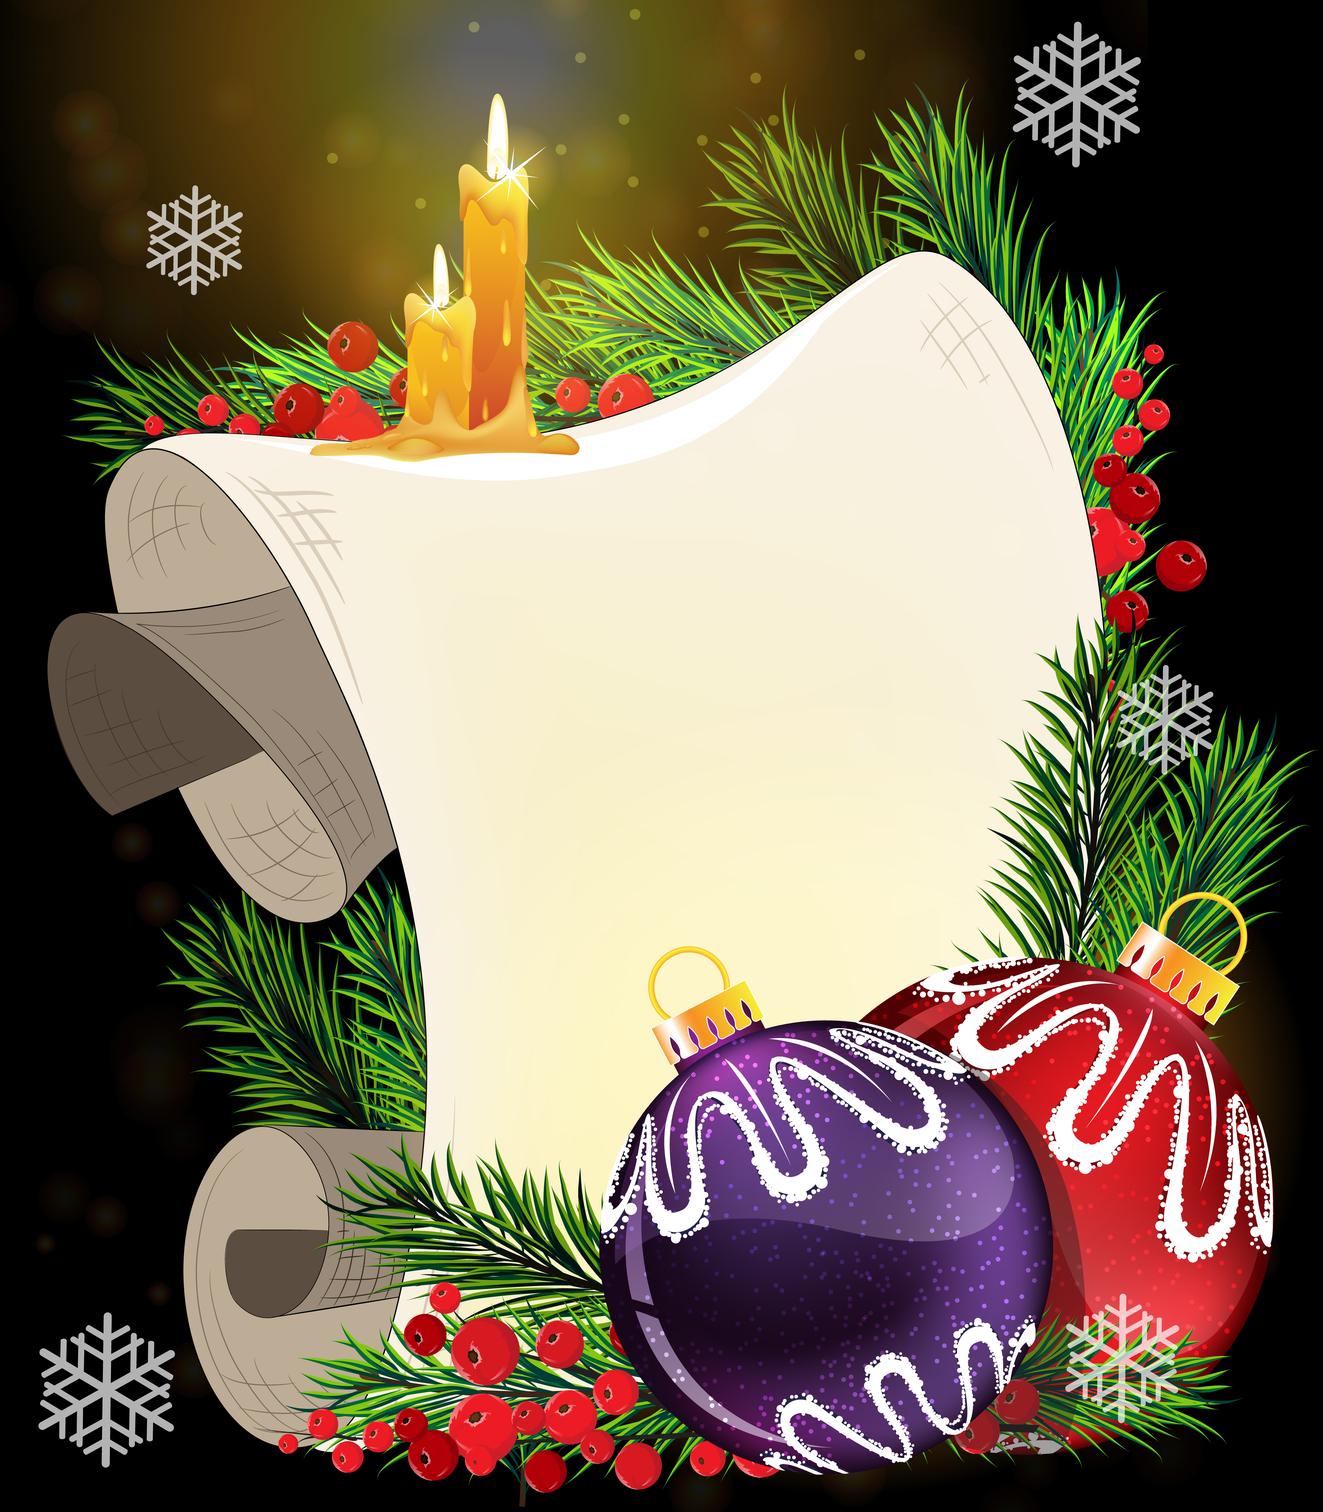 Banco De Imagenes Tarjetas De Navidad Para Escribir Mensajes - Postales-para-navidad-personalizadas